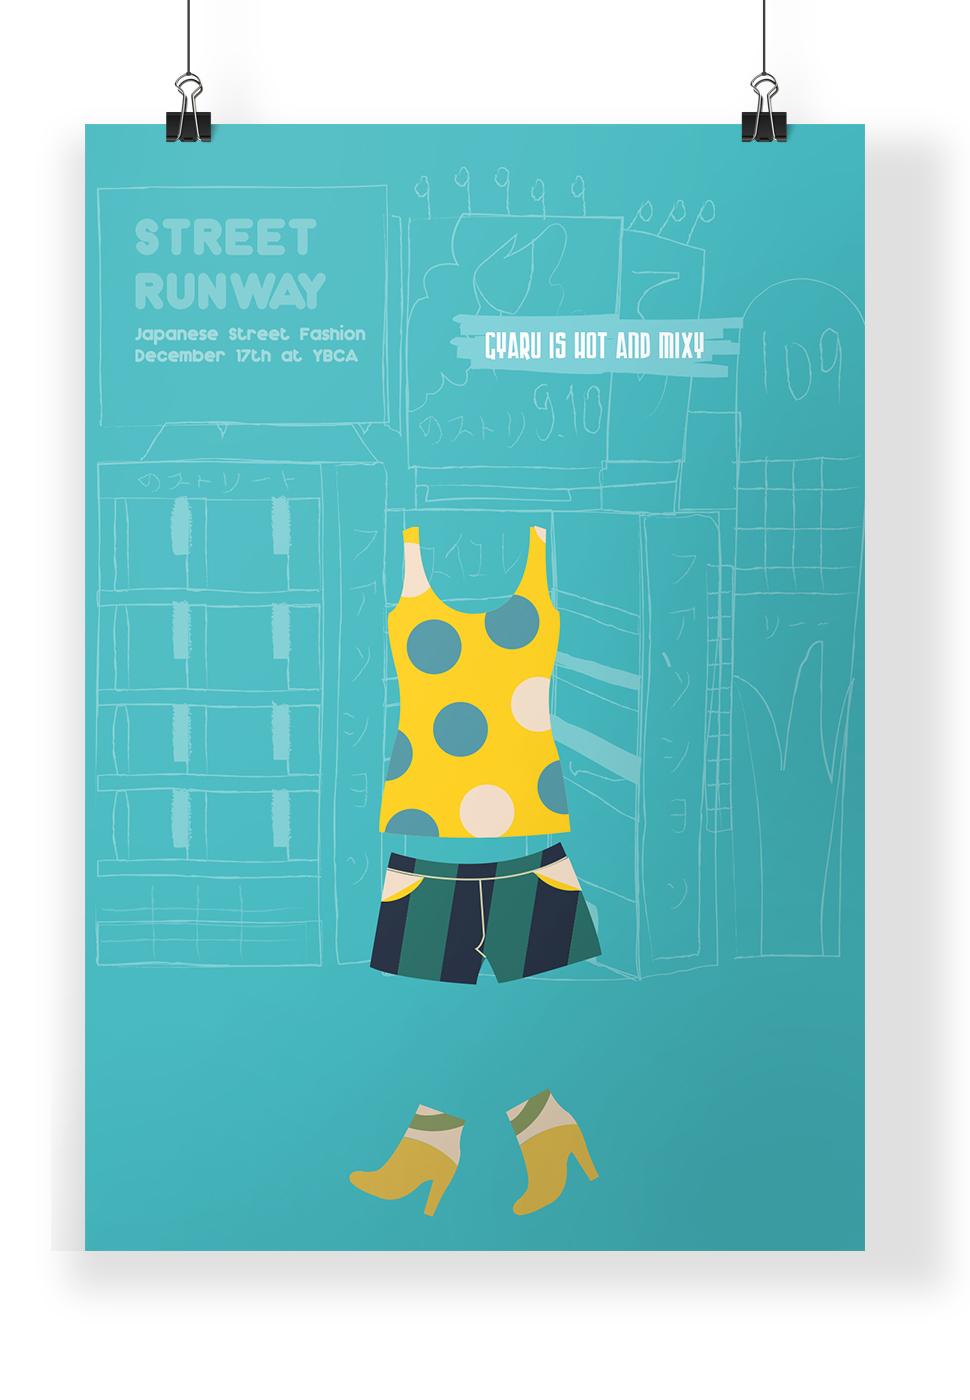 streetrunway01.jpg